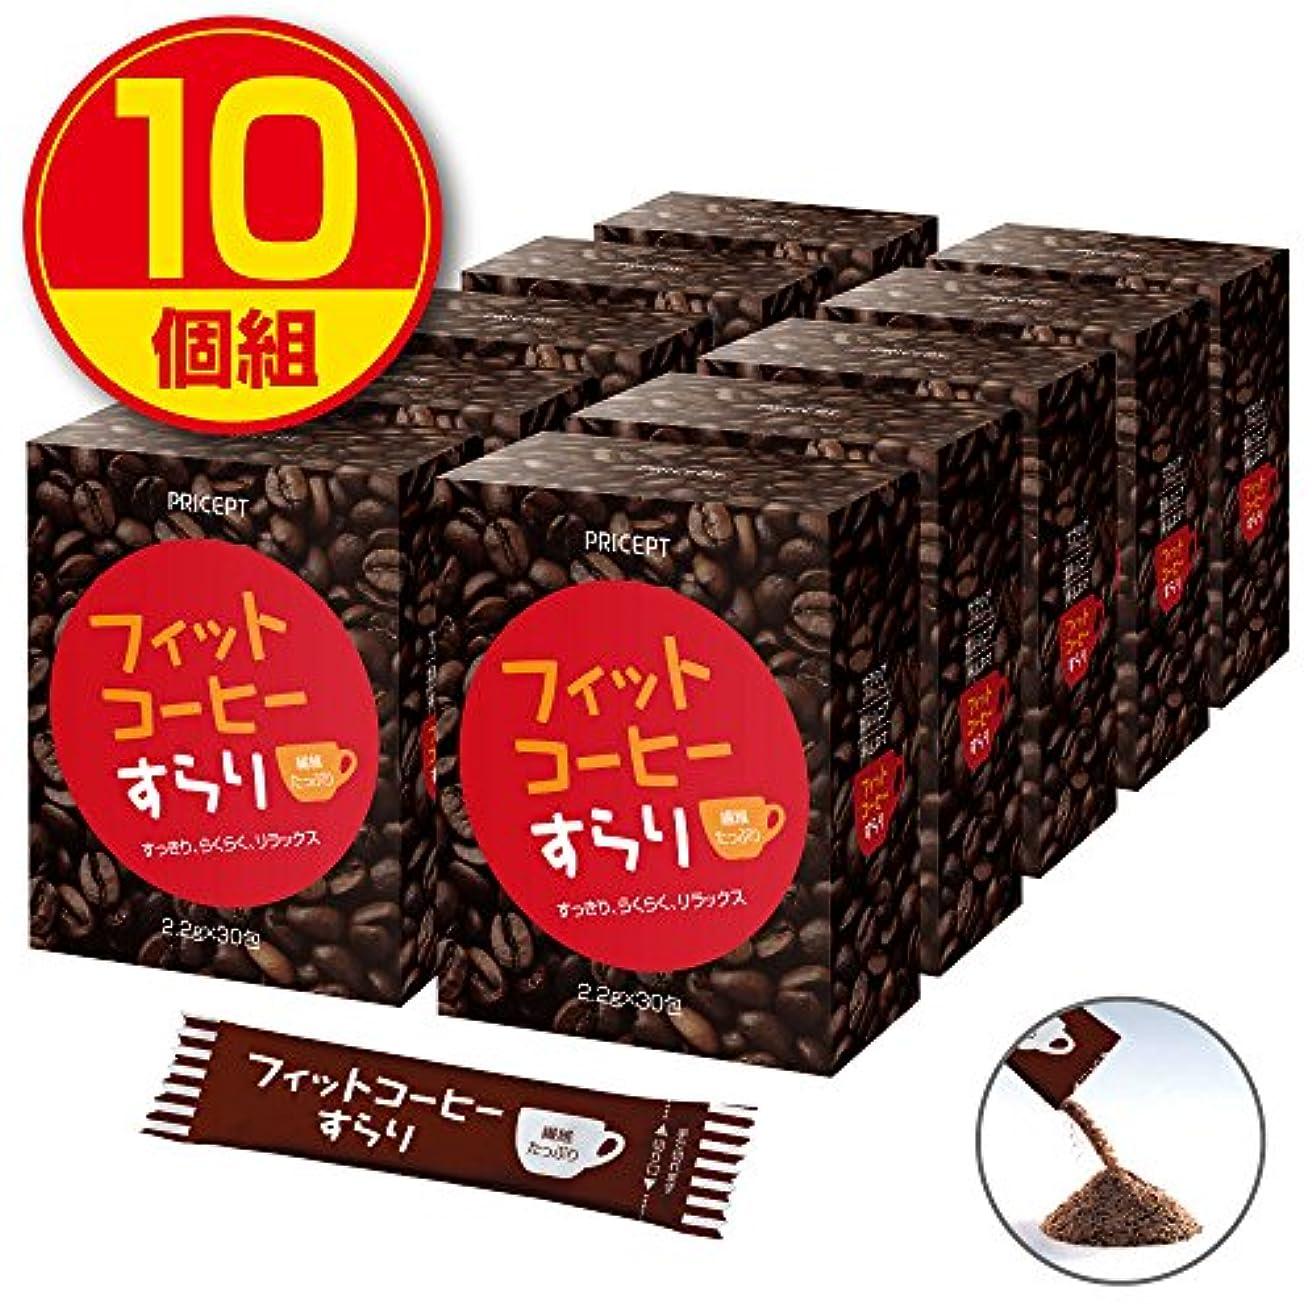 酔って同時ビスケットプリセプト フィットコーヒーすらり 30包【10個組(300包)】(ダイエットサポートコーヒー)